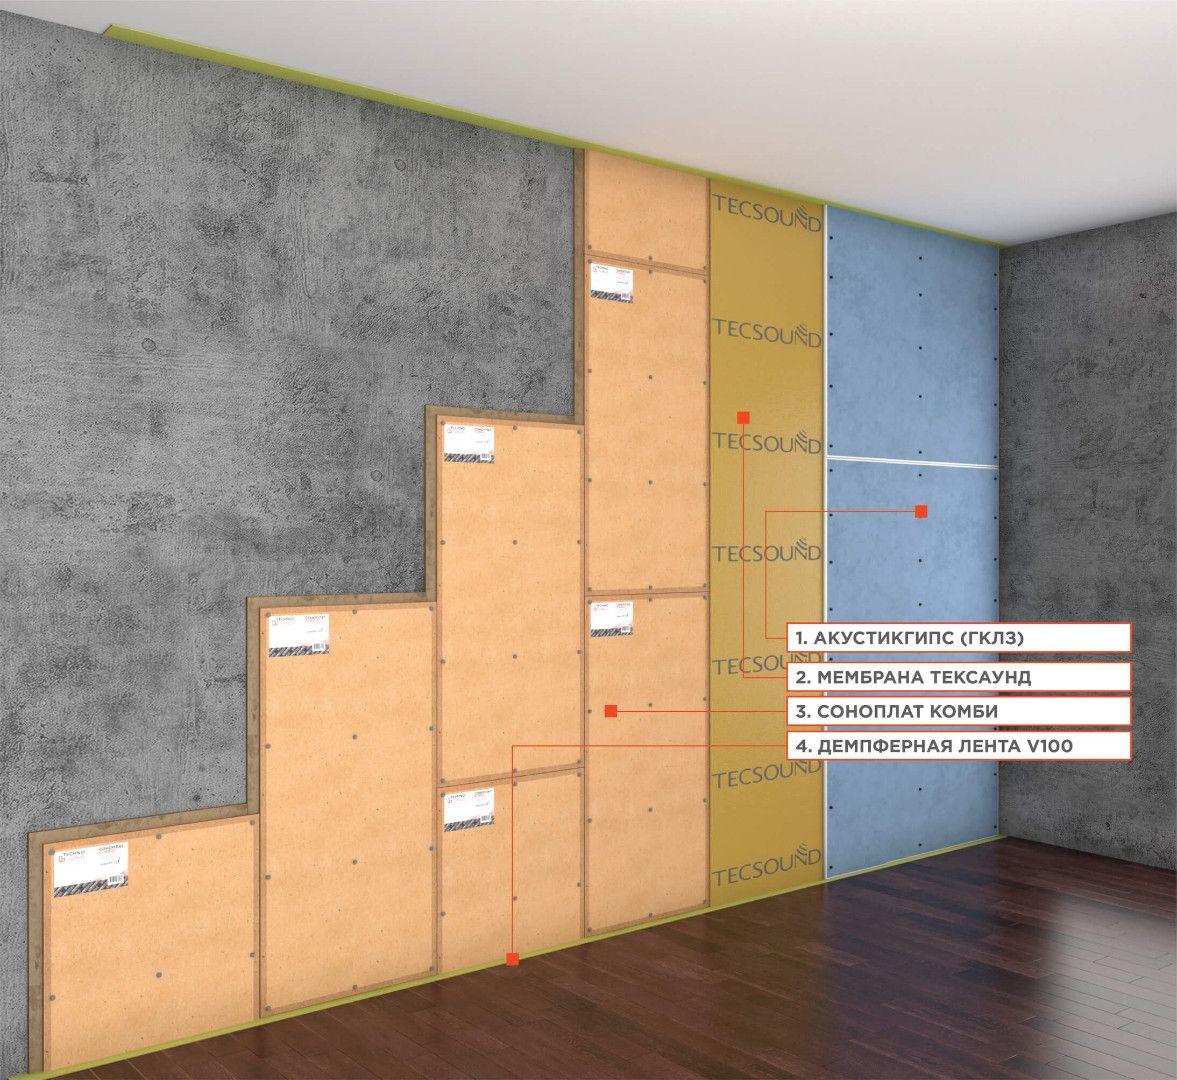 Бескаркасные материалы для звукоизоляции стен